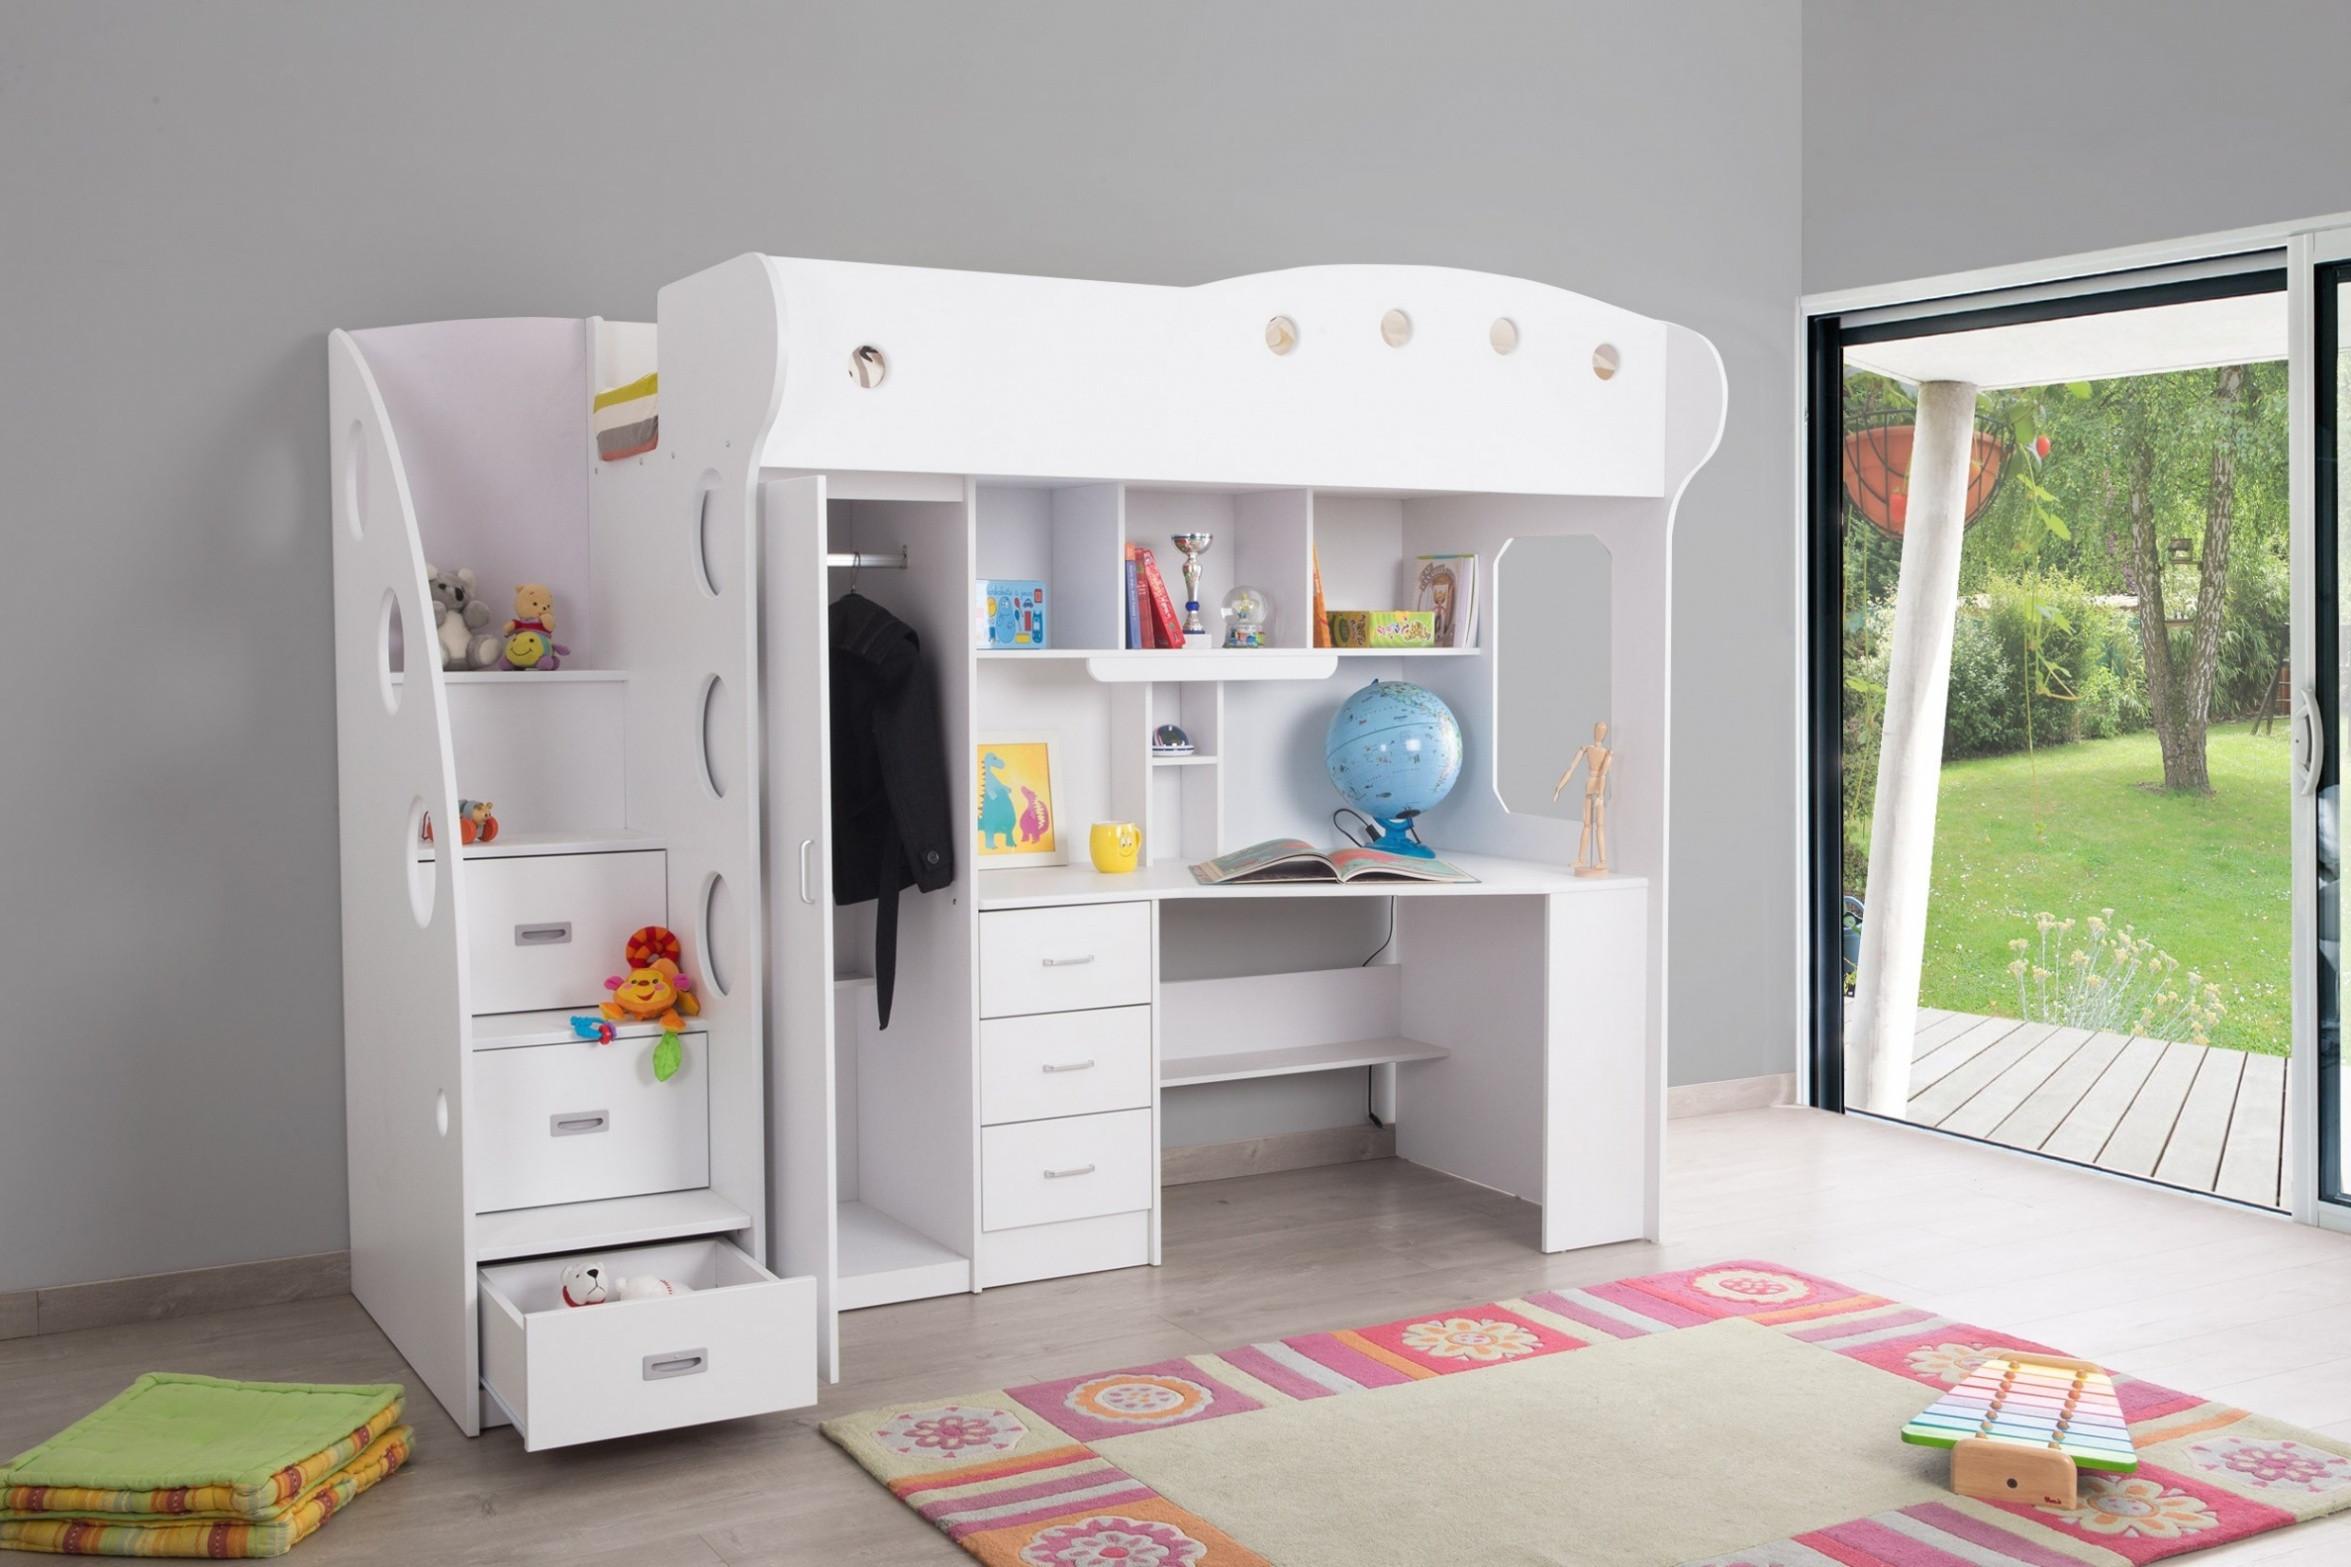 meuble but chambre beau meuble but chambre unique chambre bicolore 0d interieur de of meuble but chambre